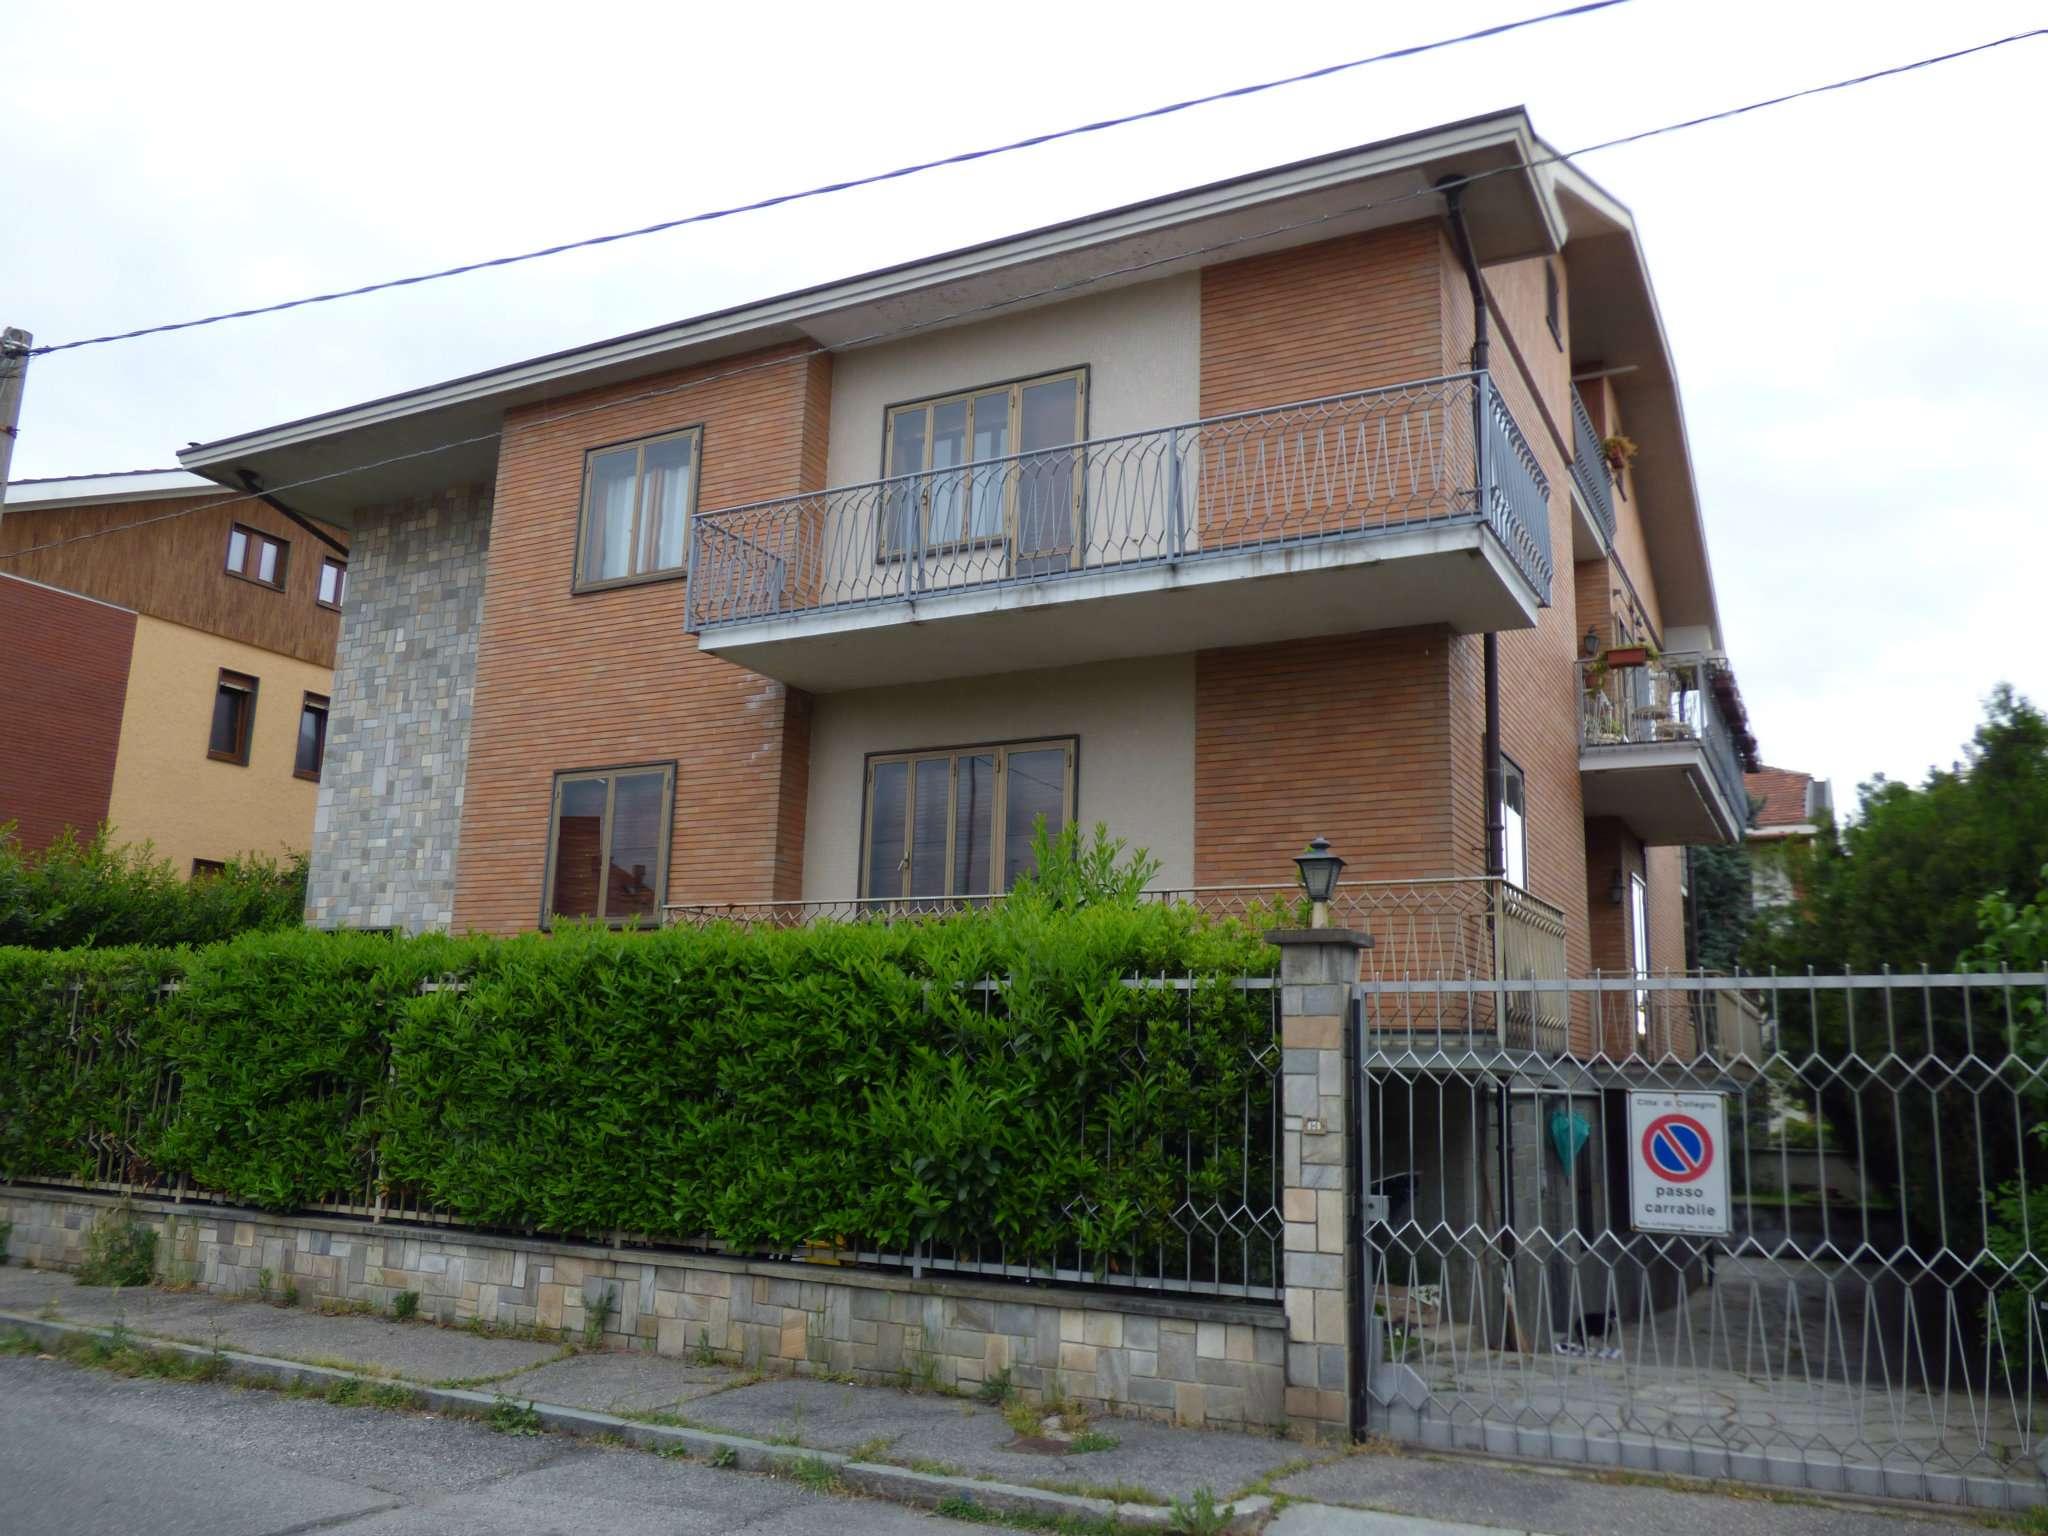 Appartamento in vendita a Collegno, 8 locali, prezzo € 320.000 | CambioCasa.it